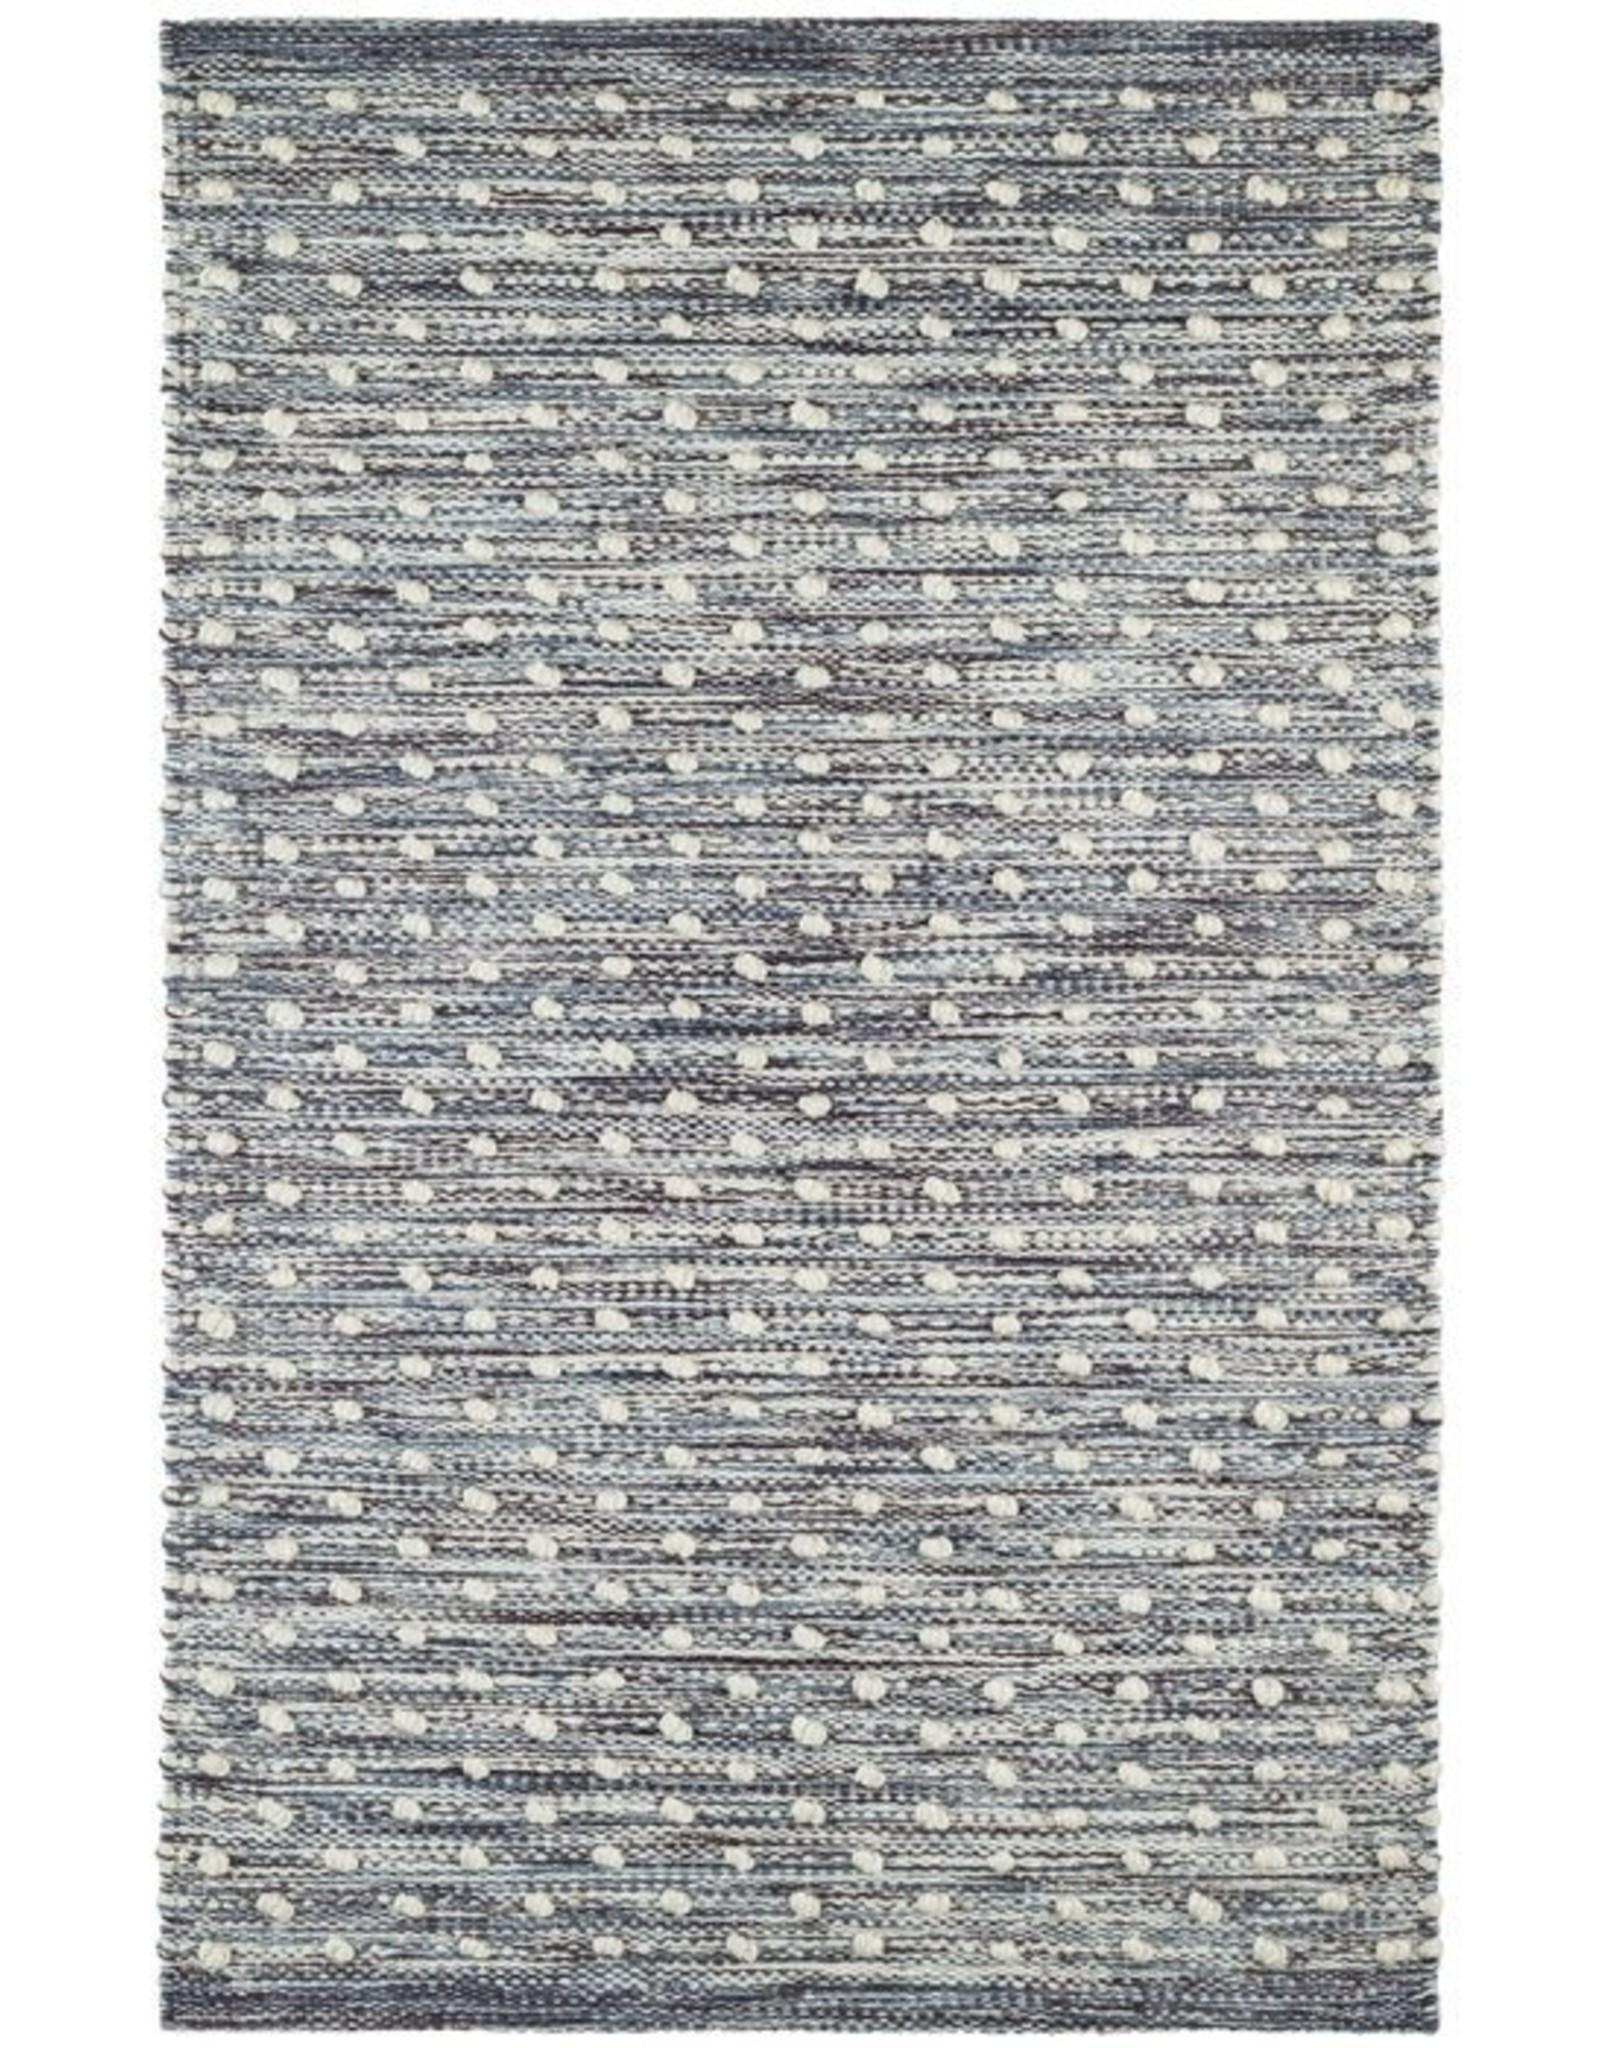 Blue Hobnail 5'x8' Indoor/Outdoor Rug